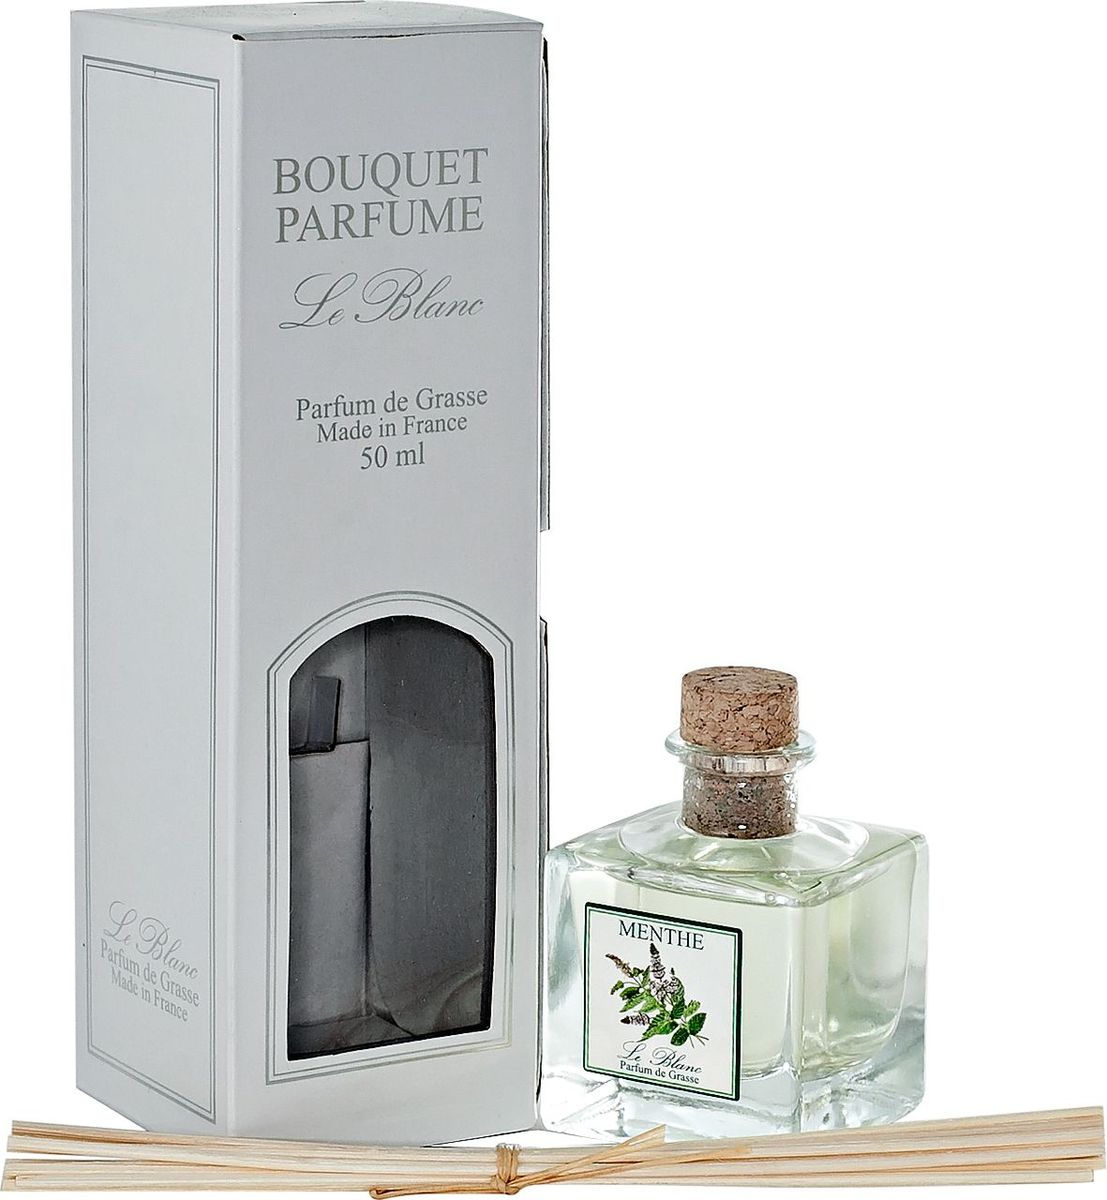 Диффузор ароматический Le Blanc Мята, 50 мл2000000022475Аромат мяты всегда был символом изысканной свежести. Противоречивый, сильный, бодрящий, травяной, этот волшебный запах переносит нас в мир зелёных чащ и непроходимых лесов, где лёжа на ковре из густых трав мы наслаждаемся мятным ароматом. Яркий и бодрящий аромат ассоциируется с запахом цветов после дождя, благоуханием водных кувшинок, ощущением свежести после морского купания, ароматом чистоты, лёгкости и невинности. Диффузор, упакованный в подарочную коробку, будет отличным подарком. В комплект входит емкость с жидкостью в выбранном объеме, тростниковые палочки, картонная коробочка.